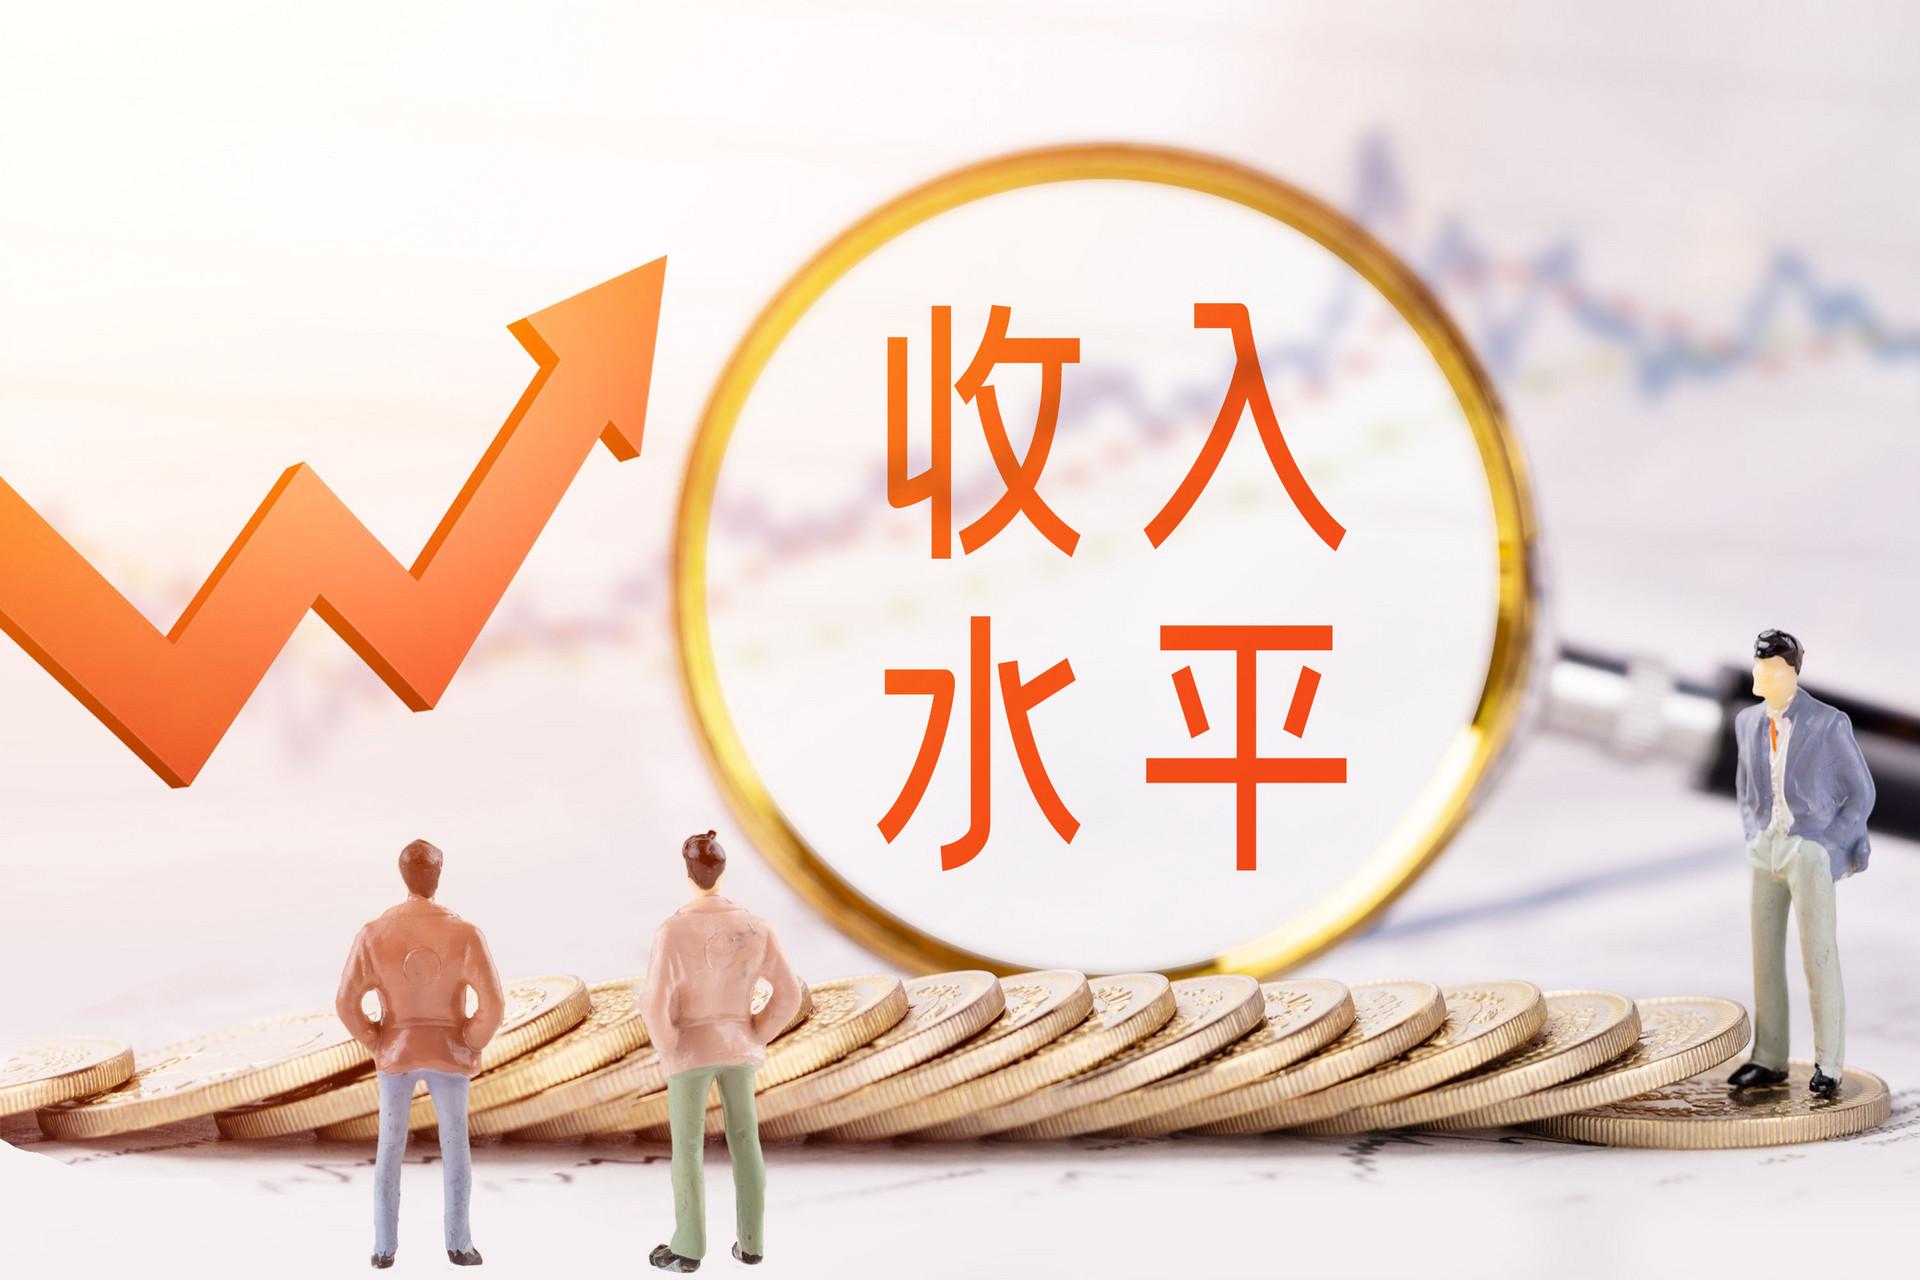 """最高$379万!全球""""市值TOP10制药巨头CEO薪酬""""曝光,强生、罗氏、辉瑞…"""